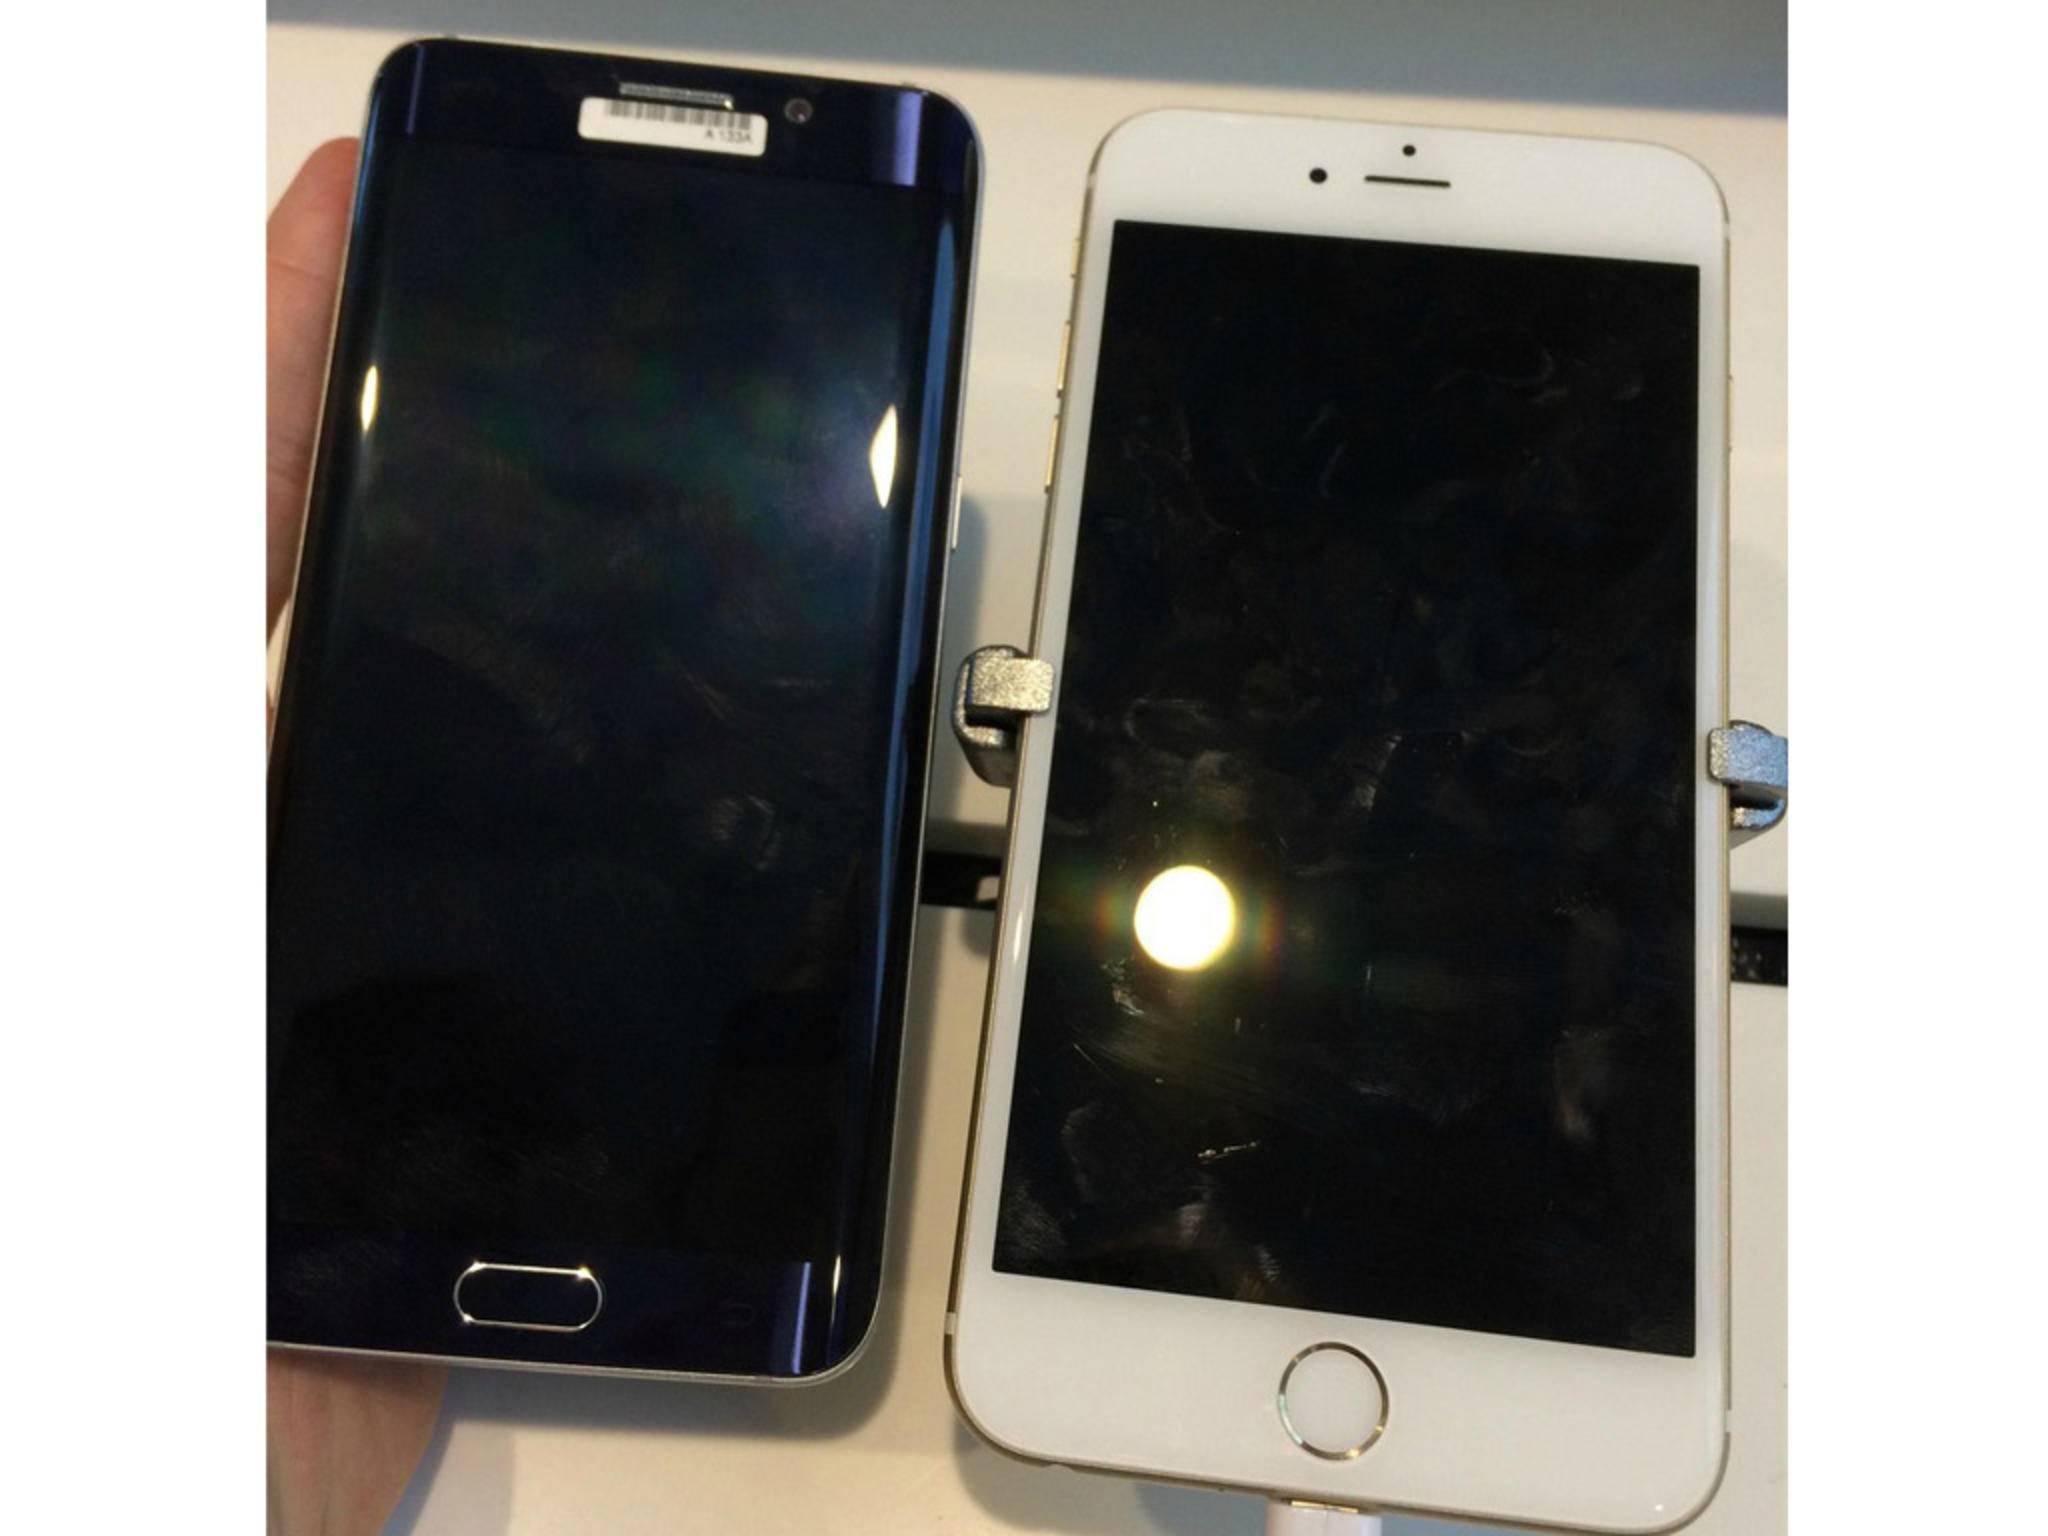 Das Galaxy Note 5 neben dem iPhone 6 Plus.